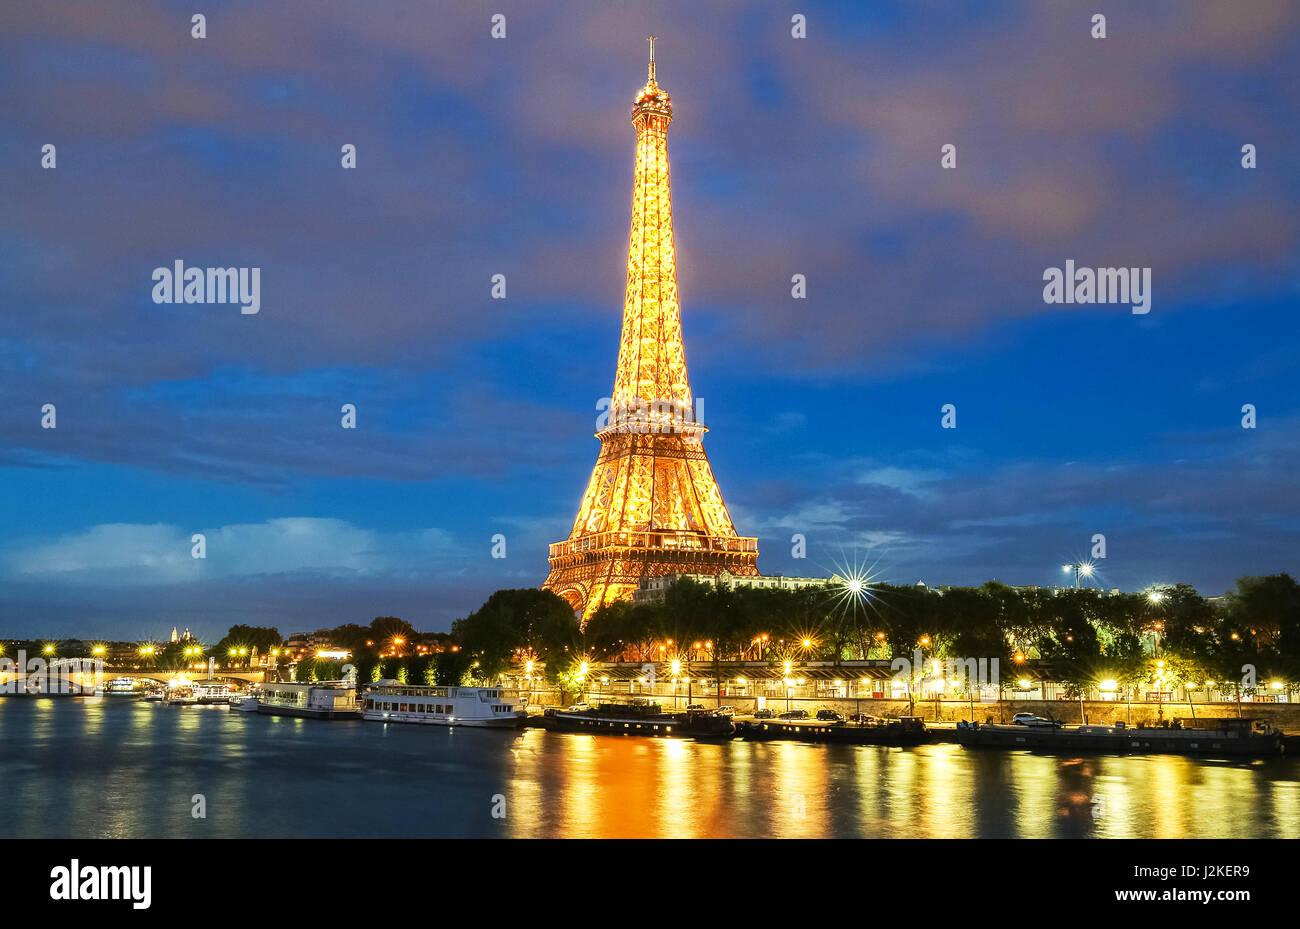 PARIS, France - le 26 avril 2017: Light Show Performance le 26 avril 2017 à Paris. La Tour Eiffel se Photo Stock